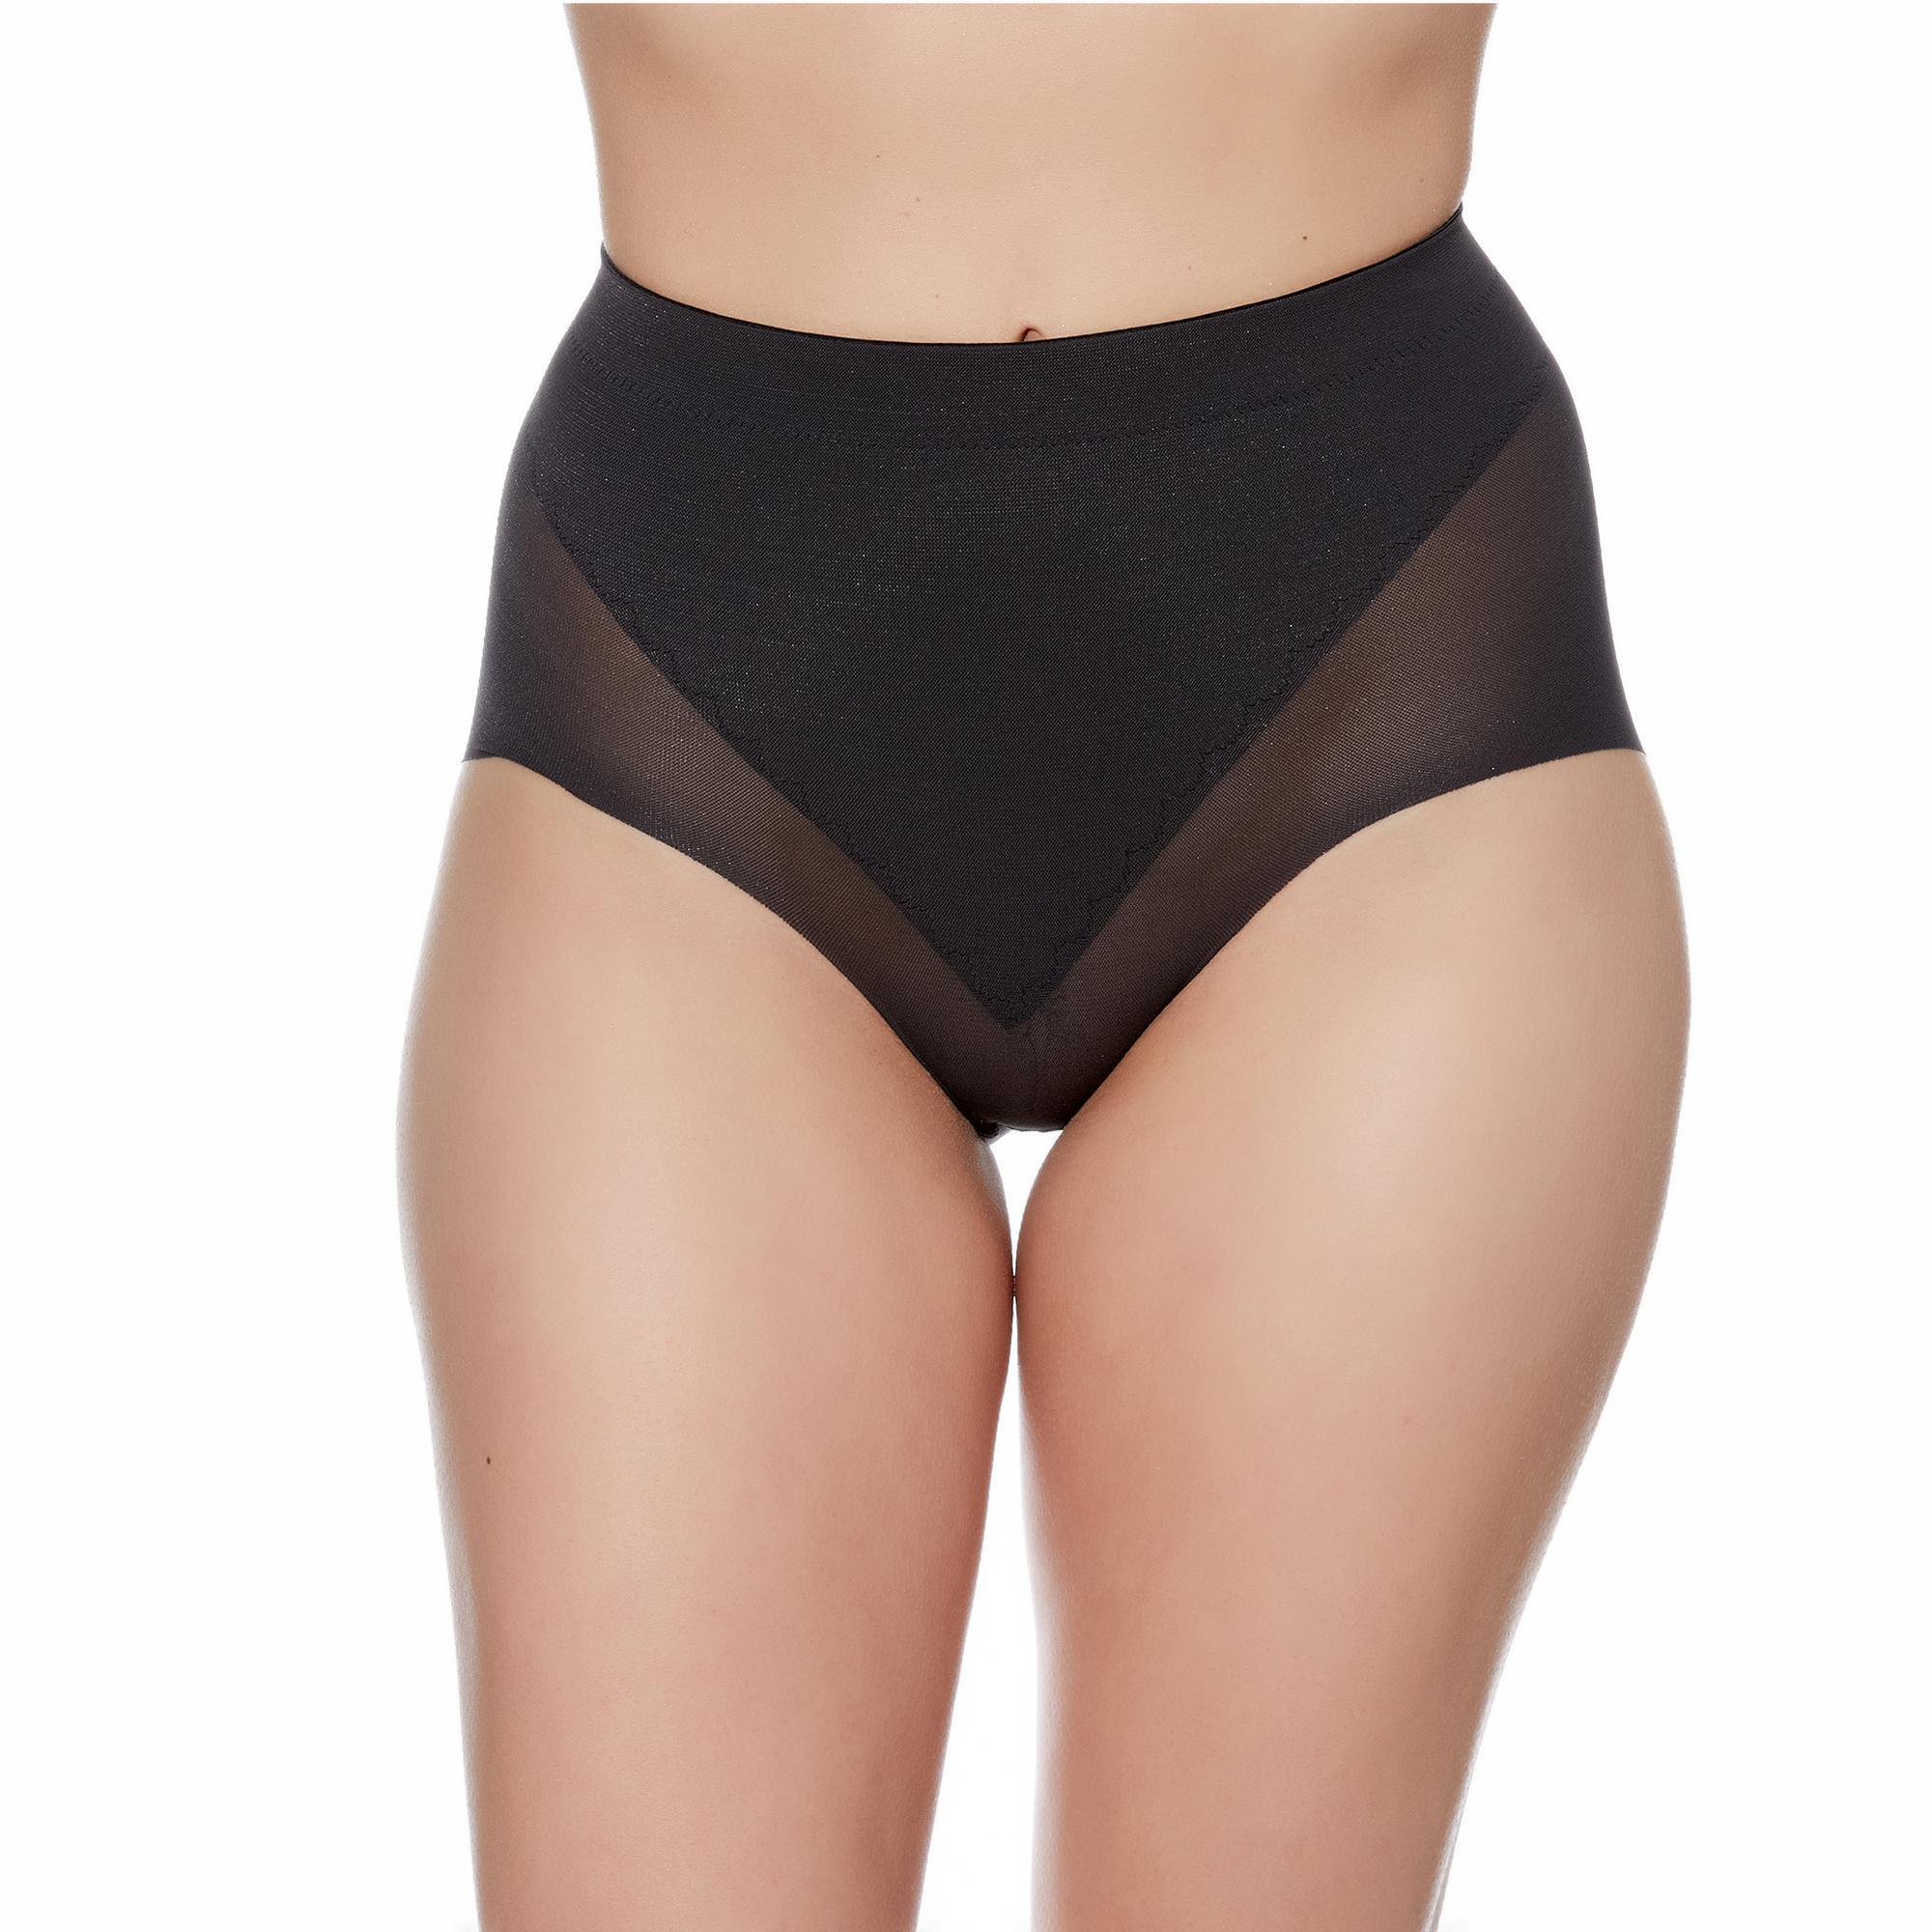 Wacaoal beauty secret culotte gainante noir